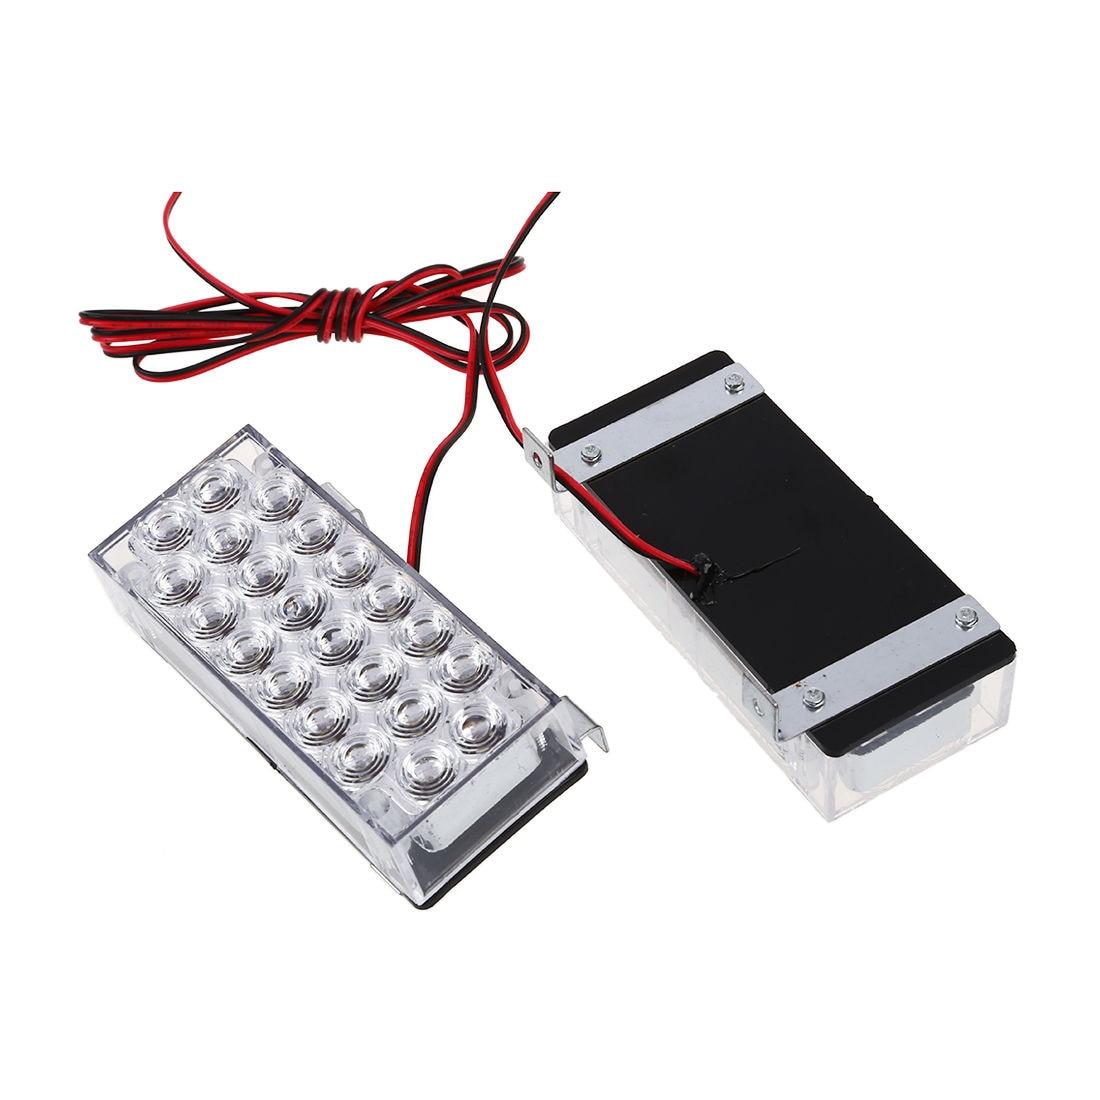 3 Modes 22 LED Strobe Taillight Flashing White-Hot